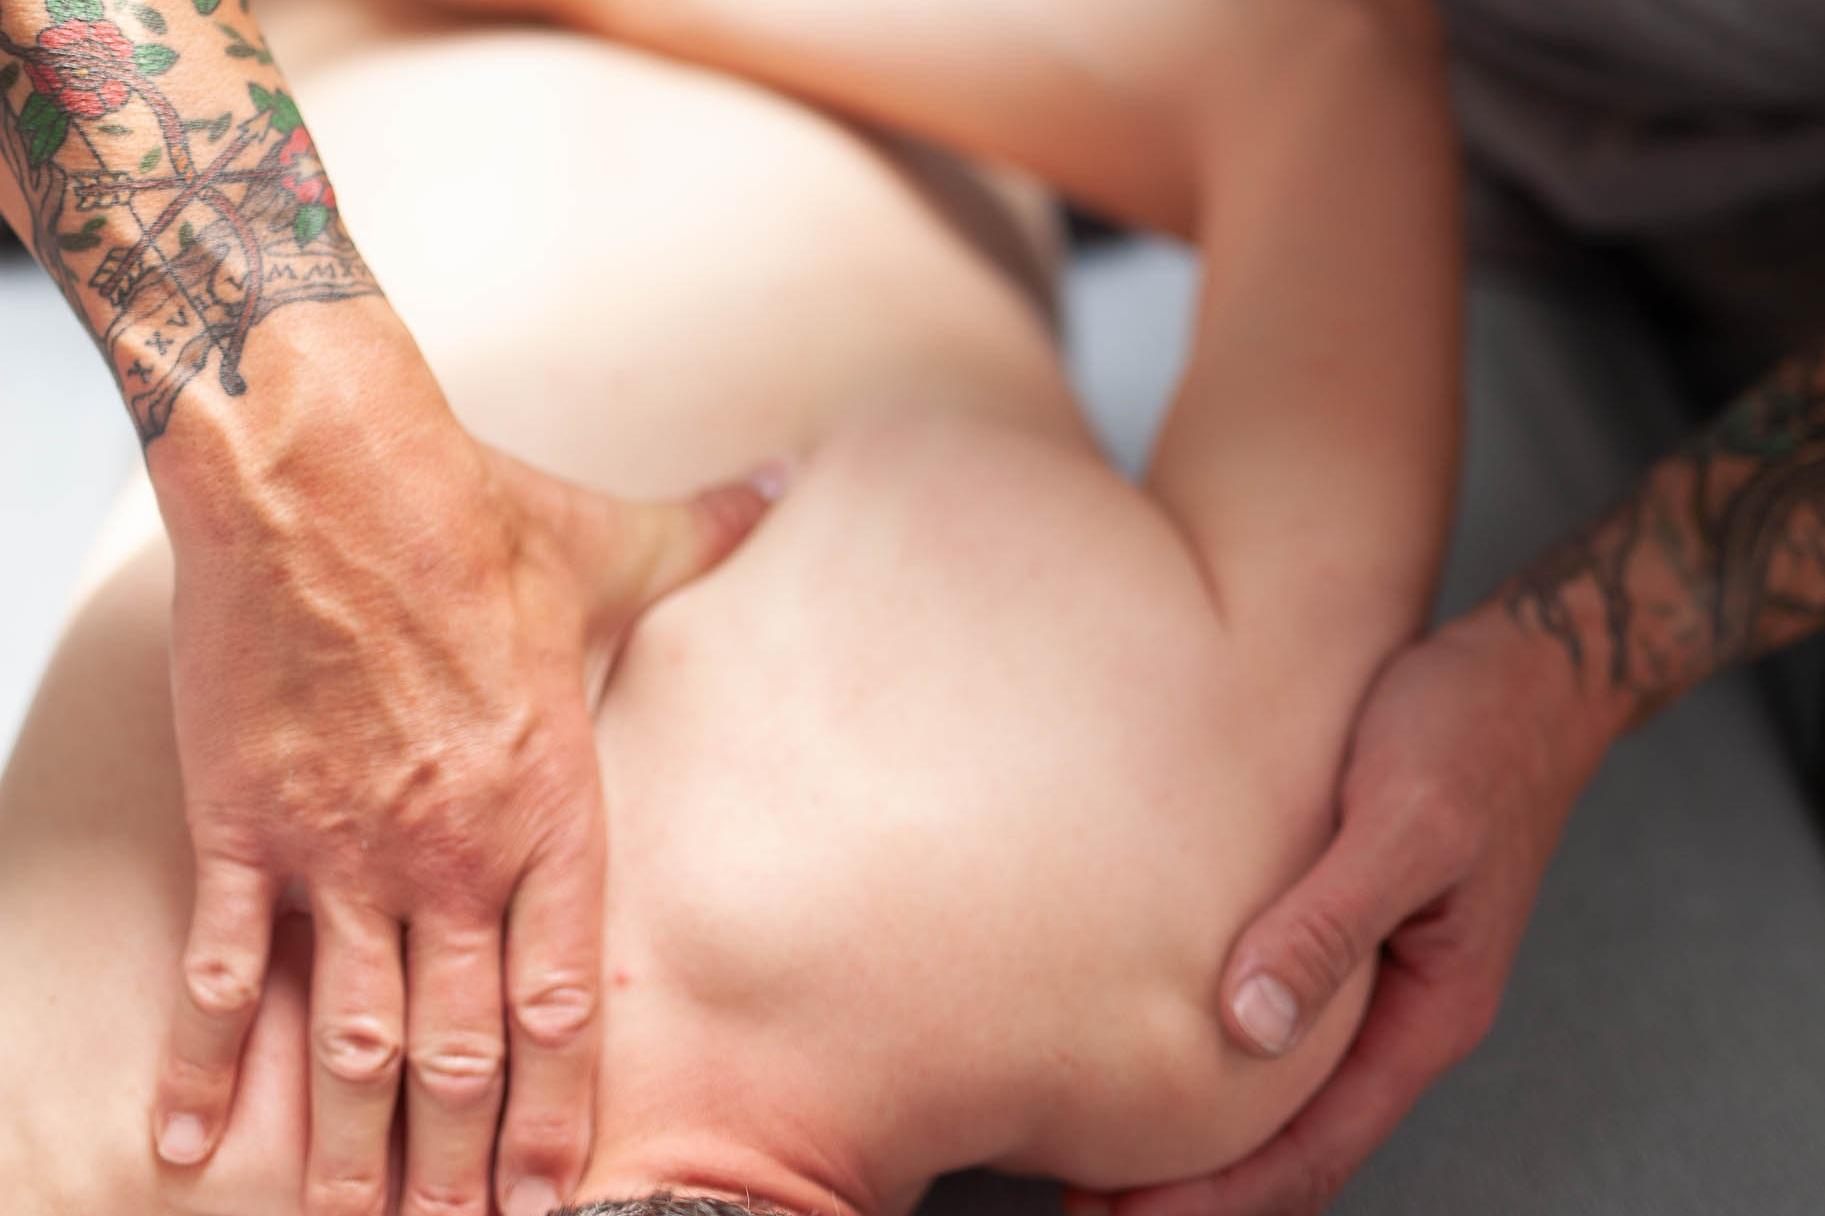 %C2%A9natashabidgood-lisa-massage-6761.jpg